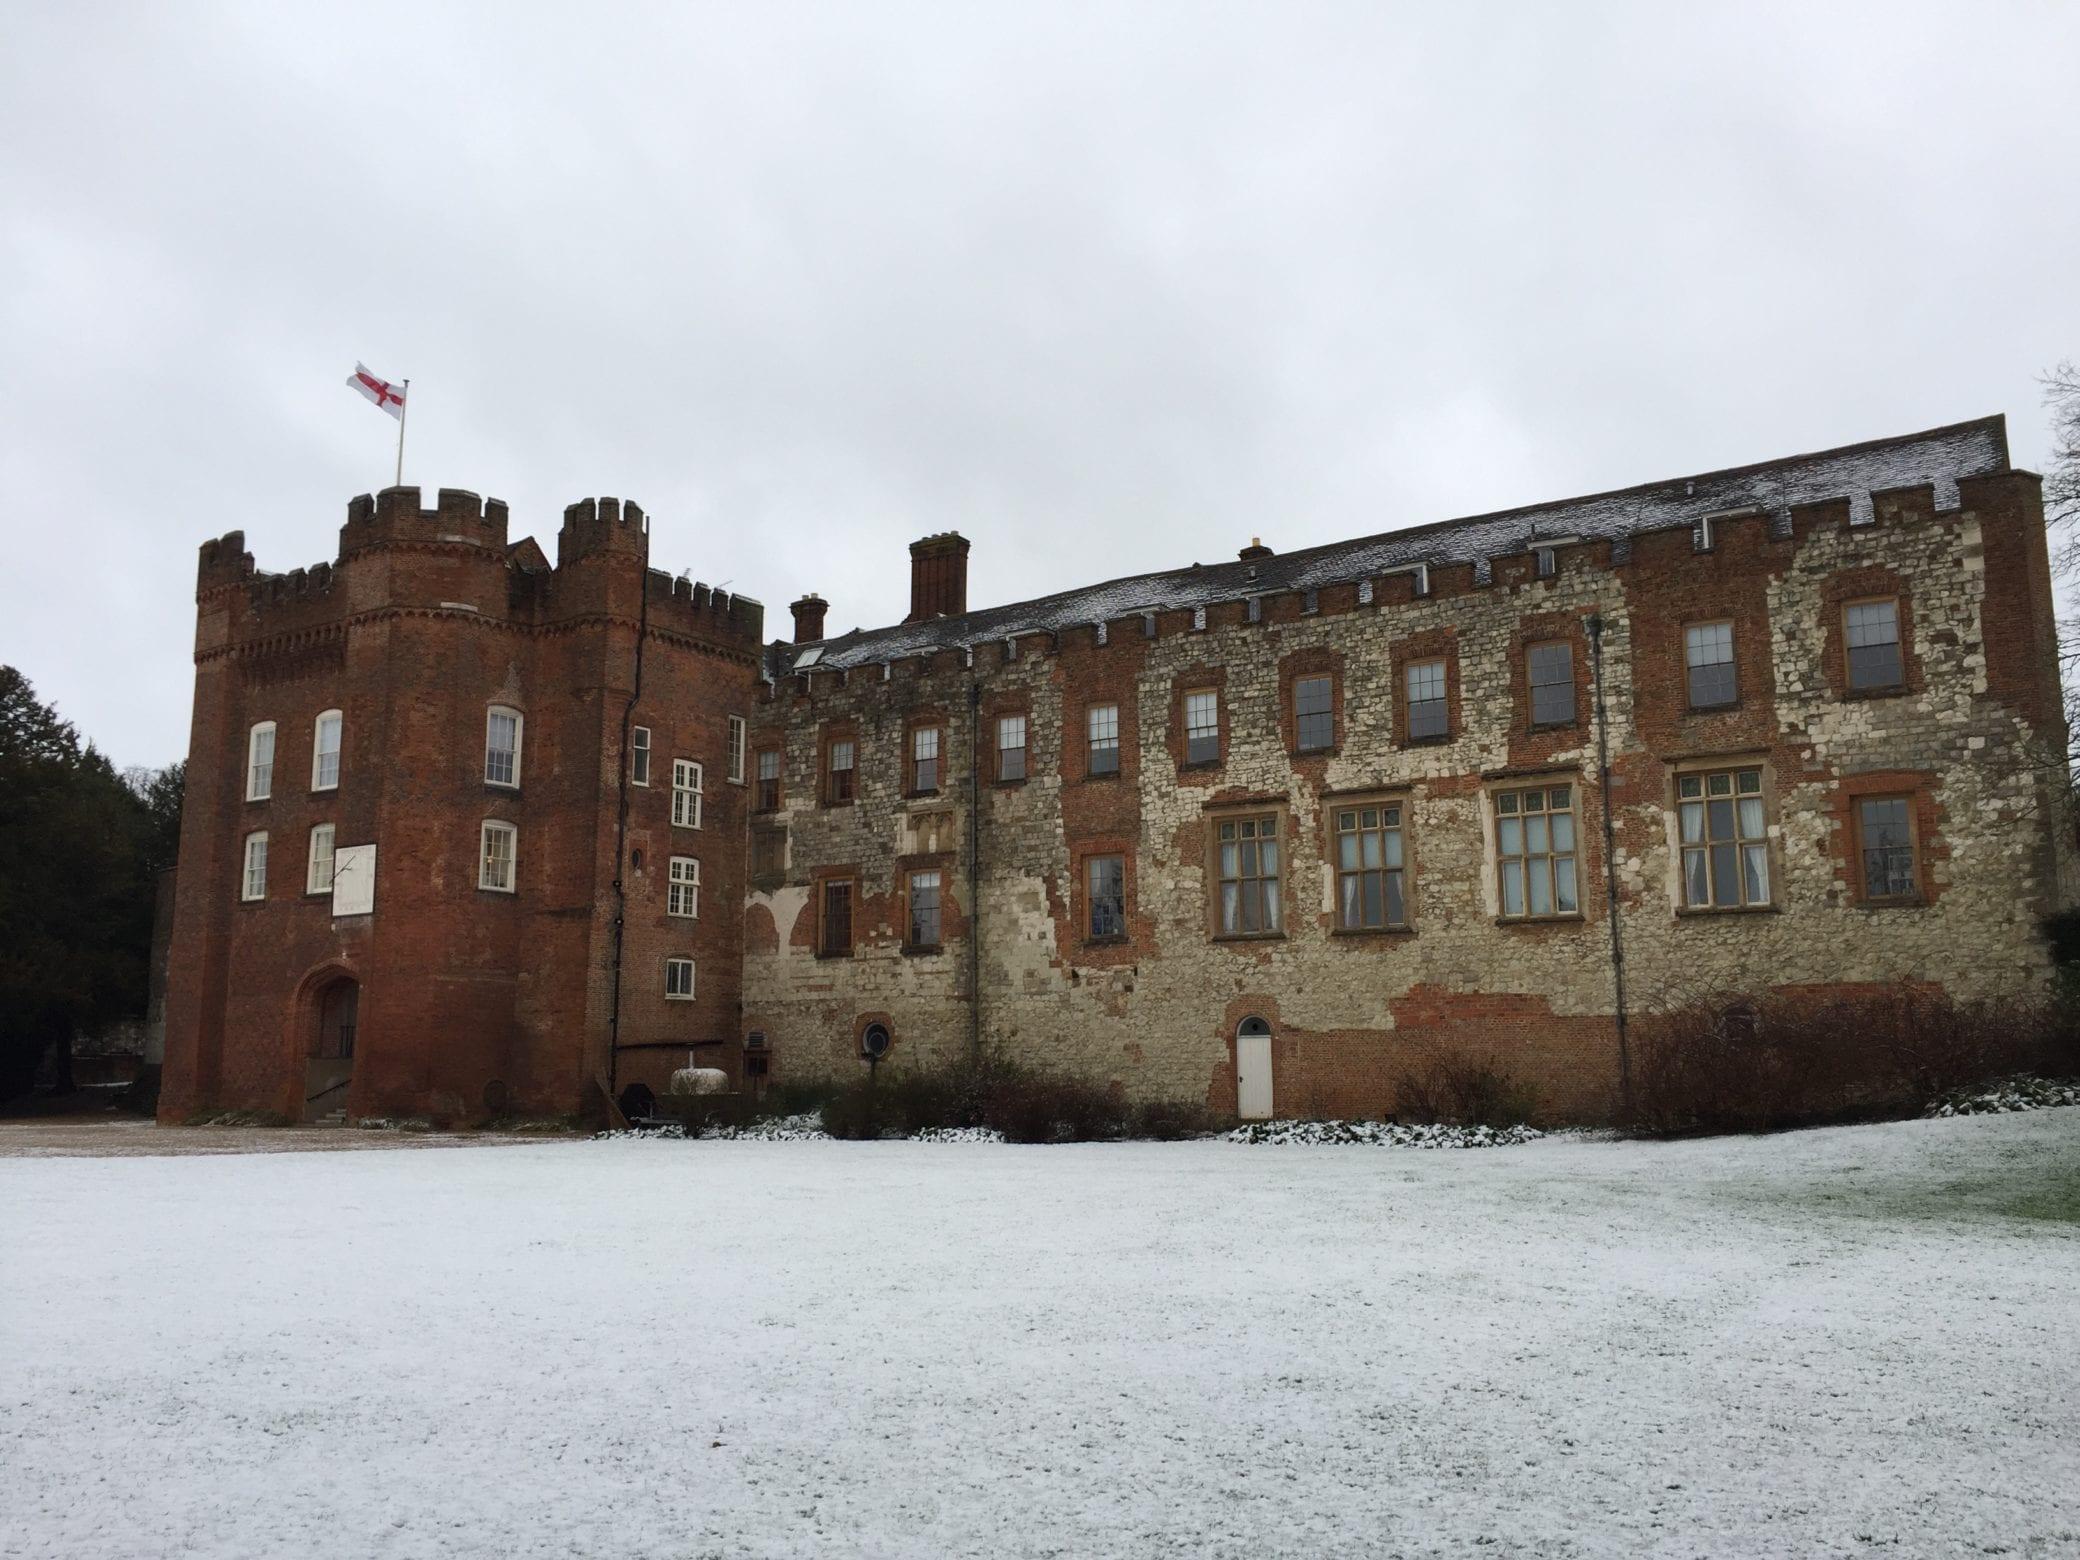 A winter wedding venue in Farnham Surrey